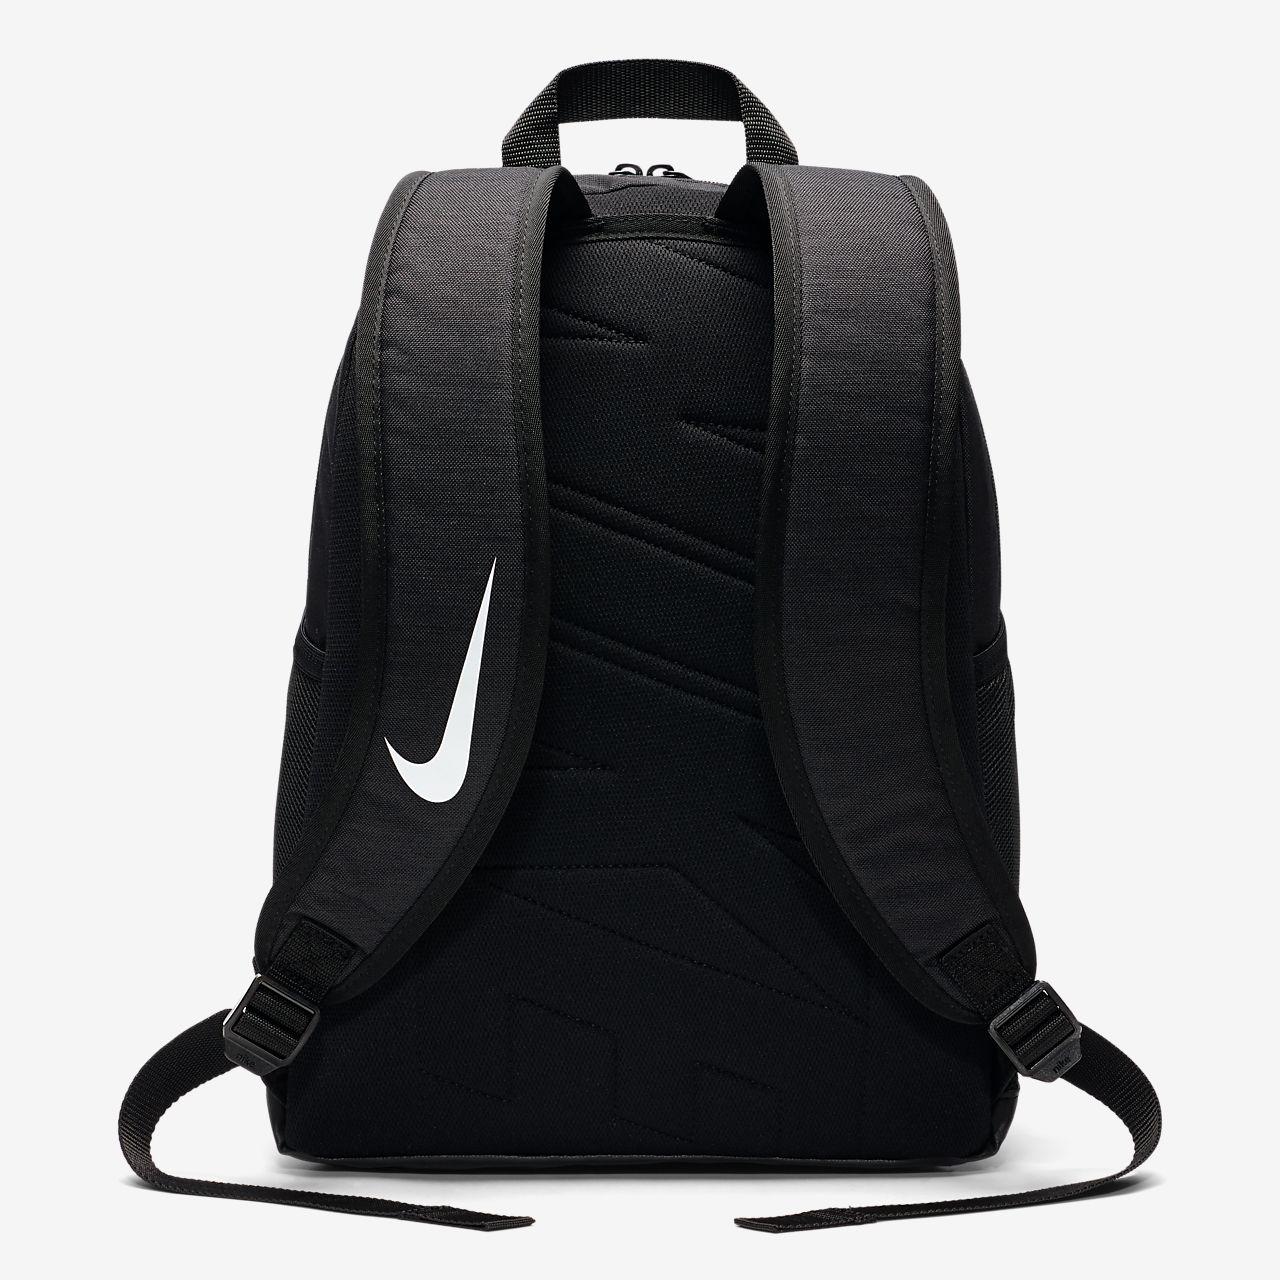 d182894326 Low Resolution Dětský batoh Nike Brasilia Dětský batoh Nike Brasilia